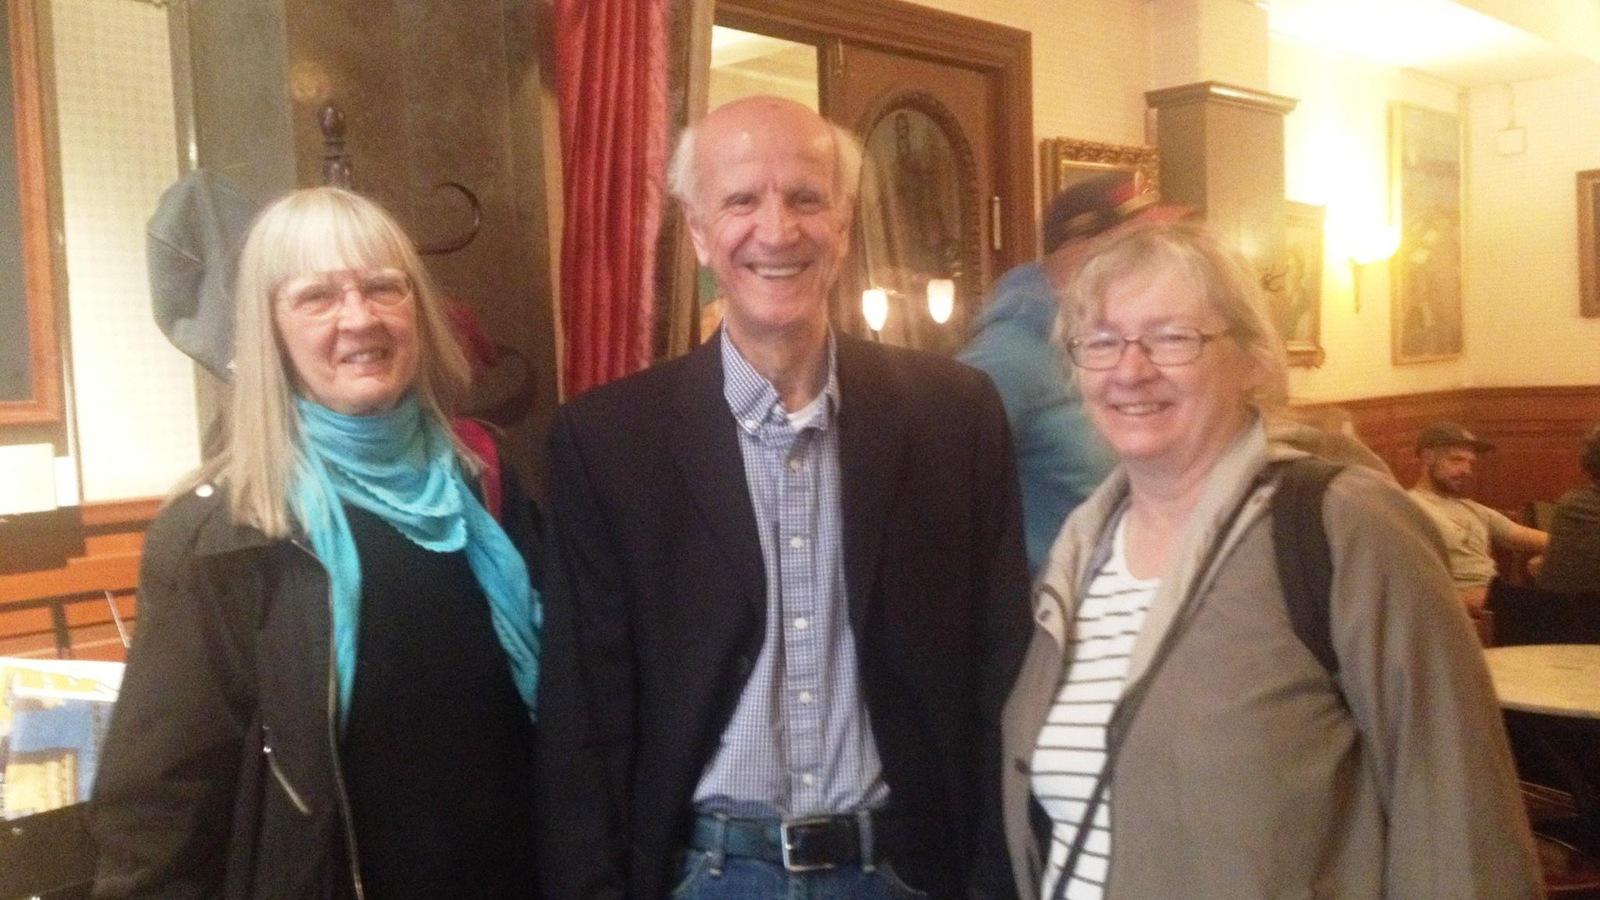 Un homme entouré de deux femmes dans une salle de réception.